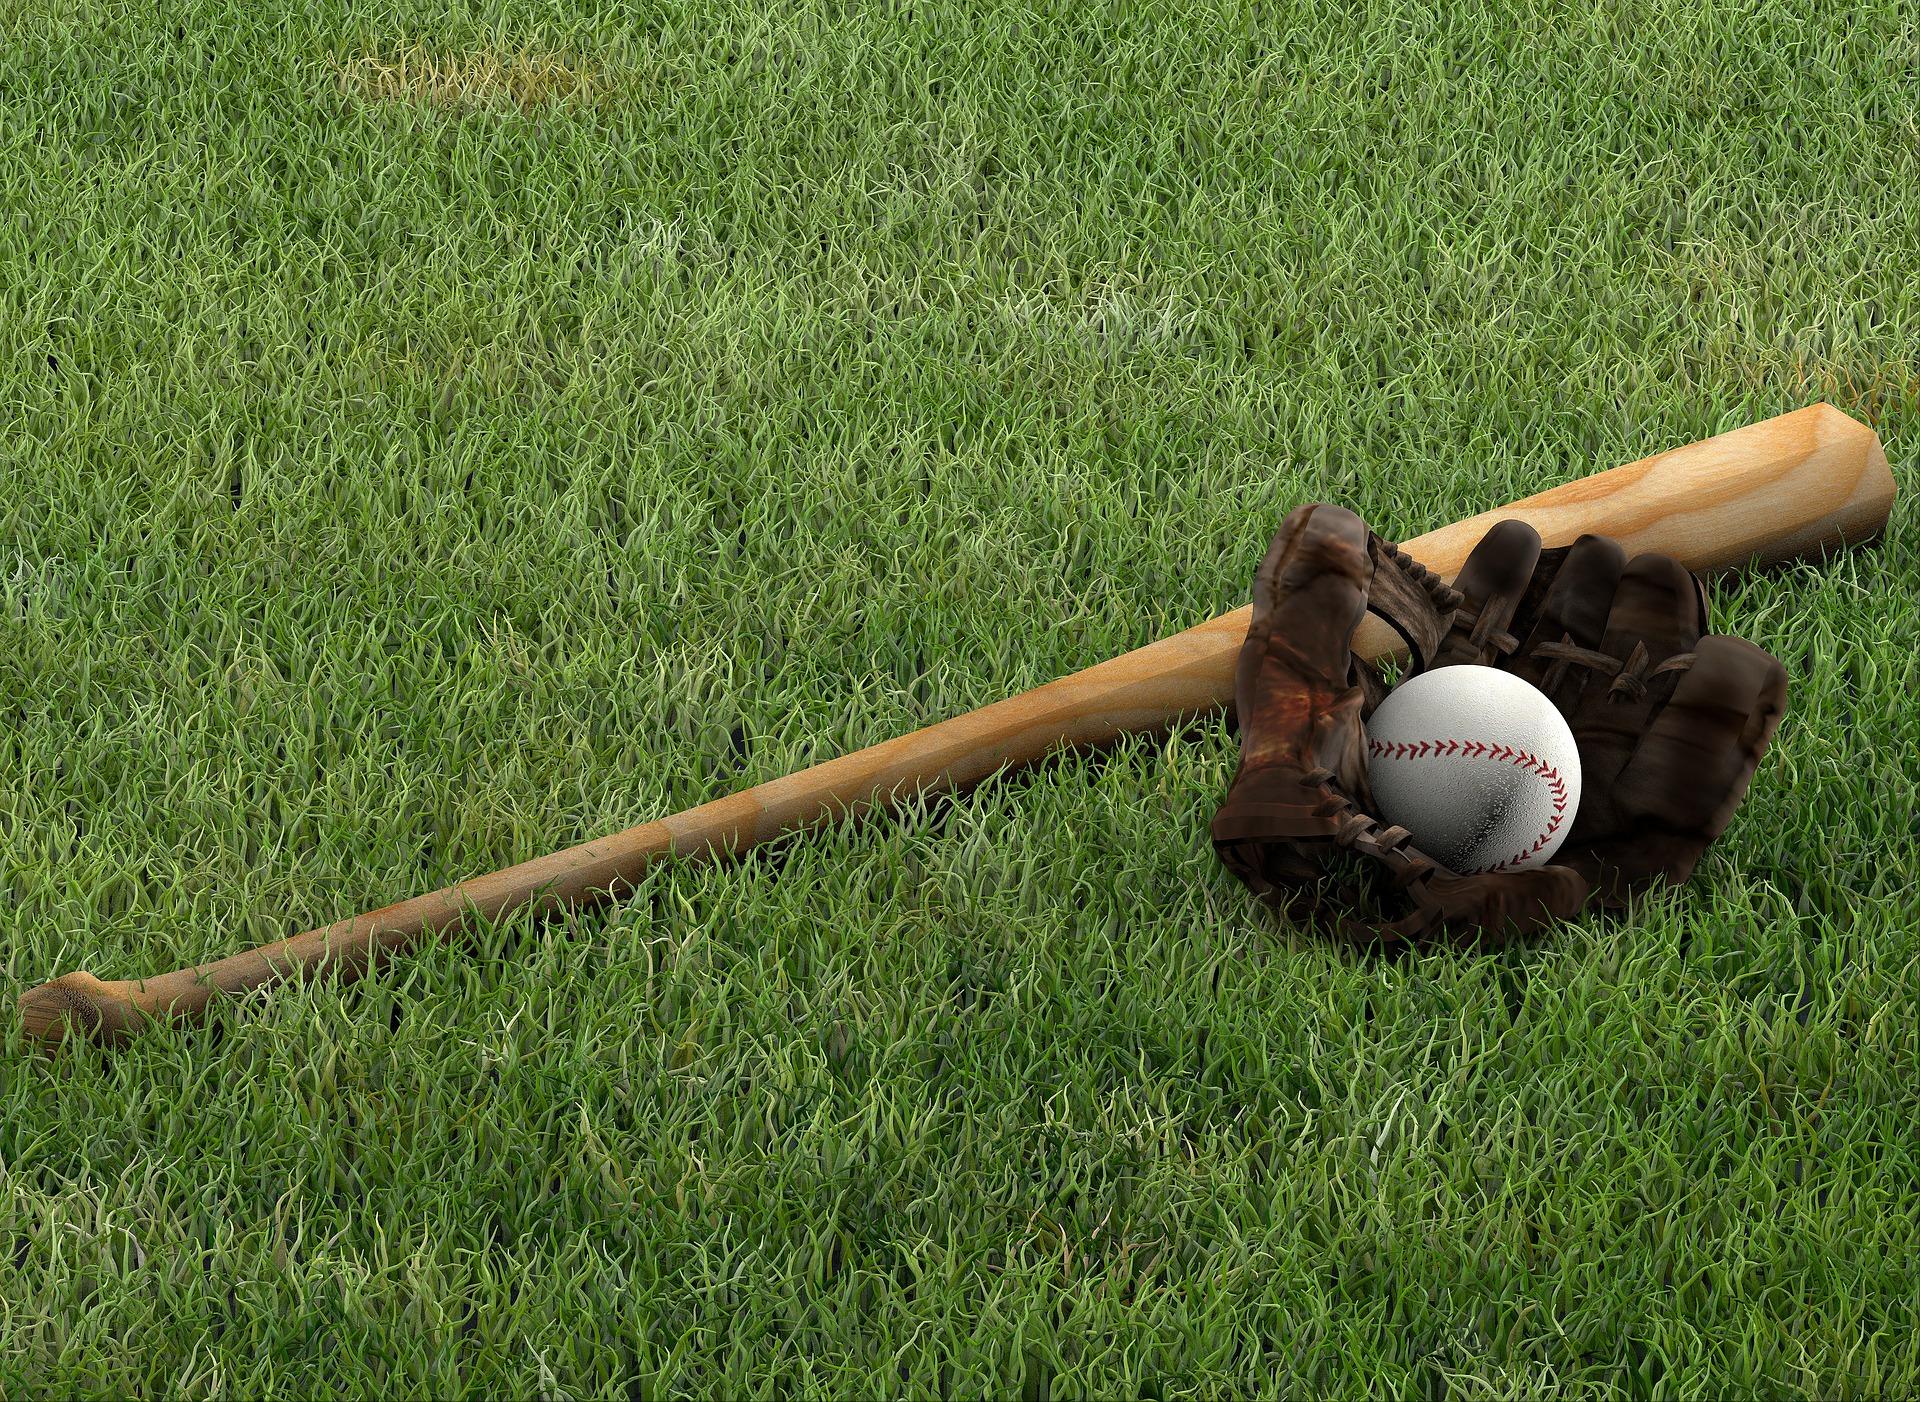 baseball-3032328_1920.jpg